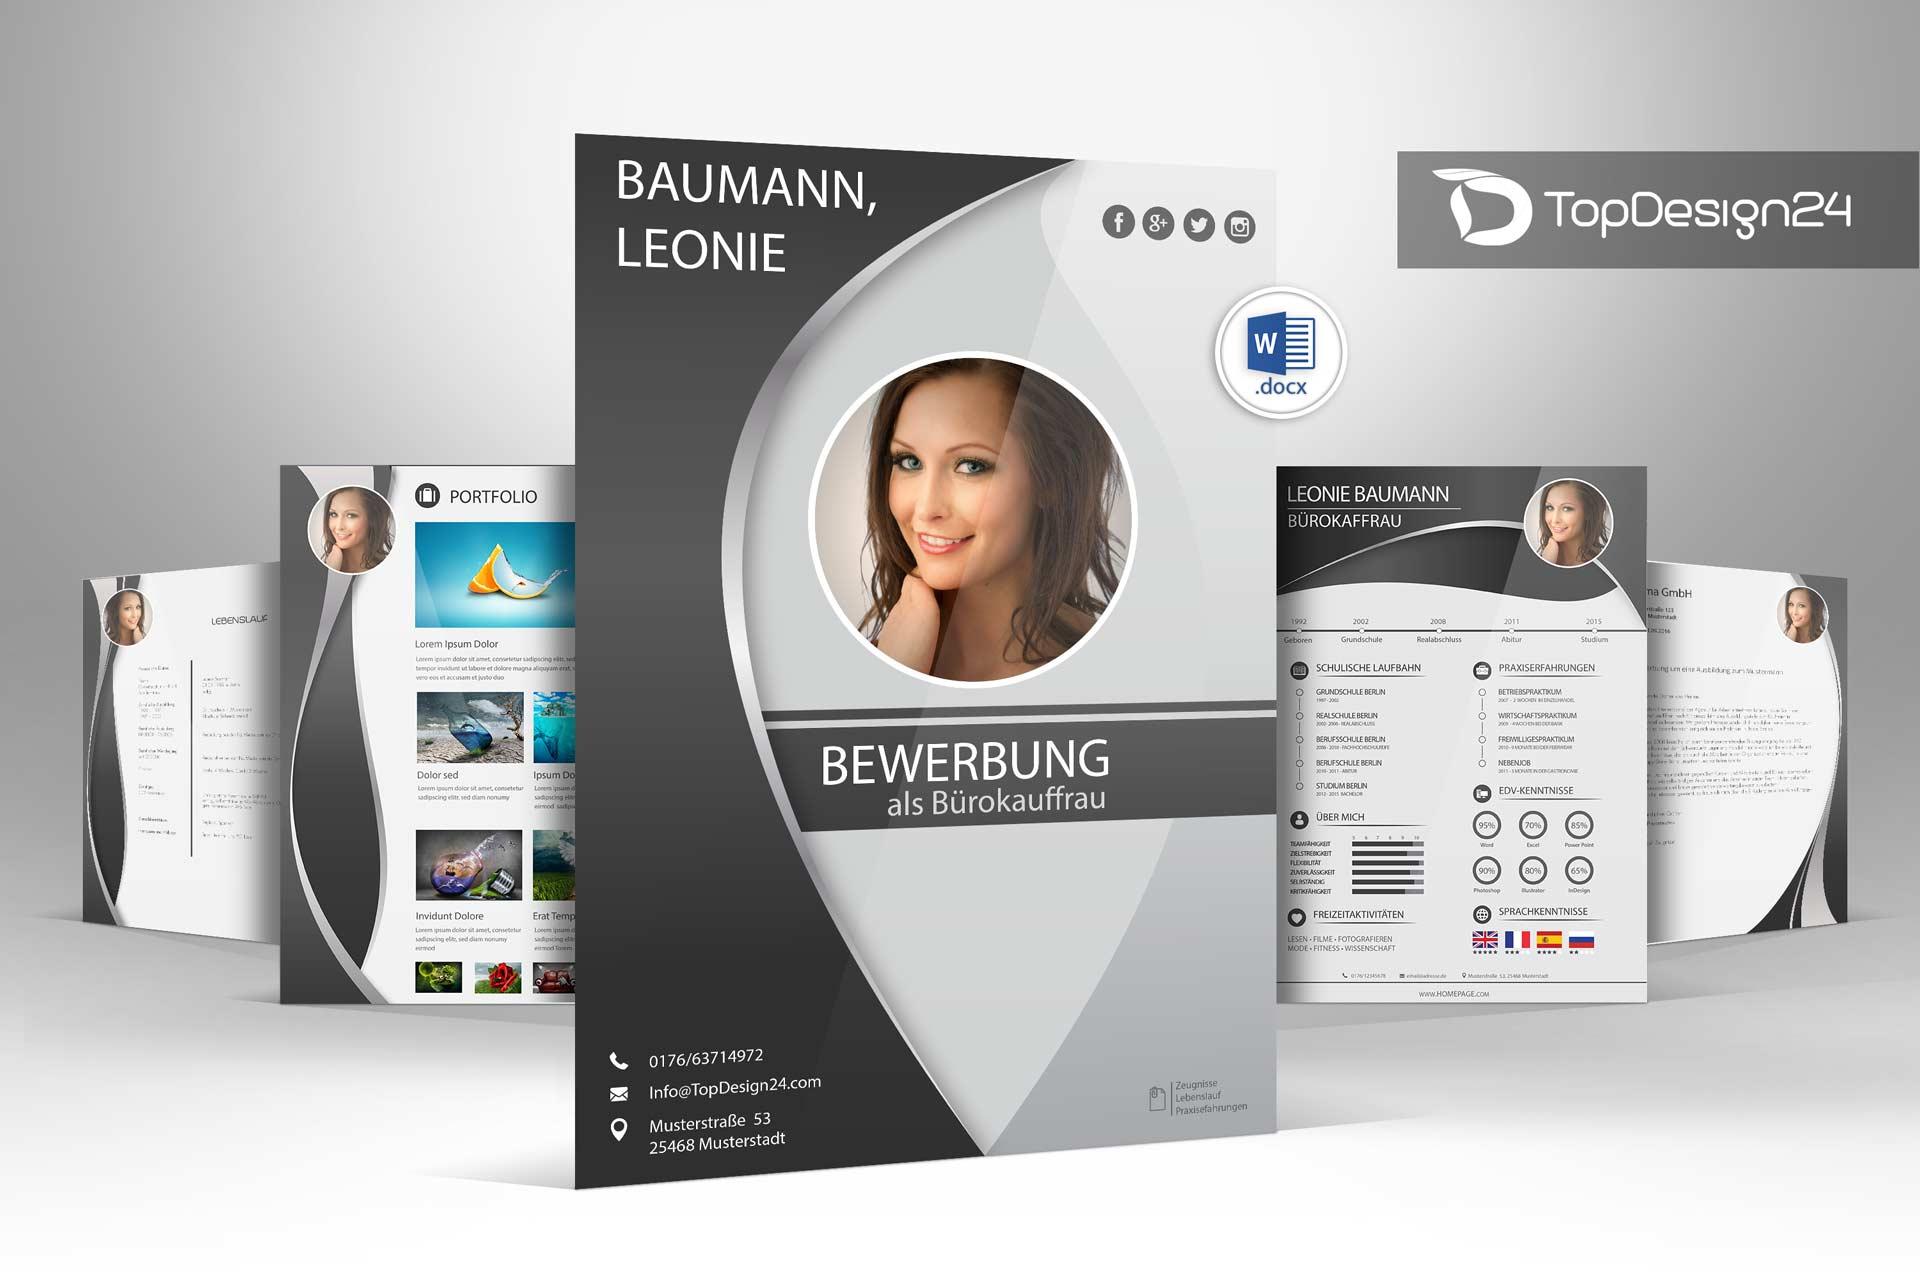 Bewerbung deckblatt kreativ vorlagen topdesign24 for Foto designer